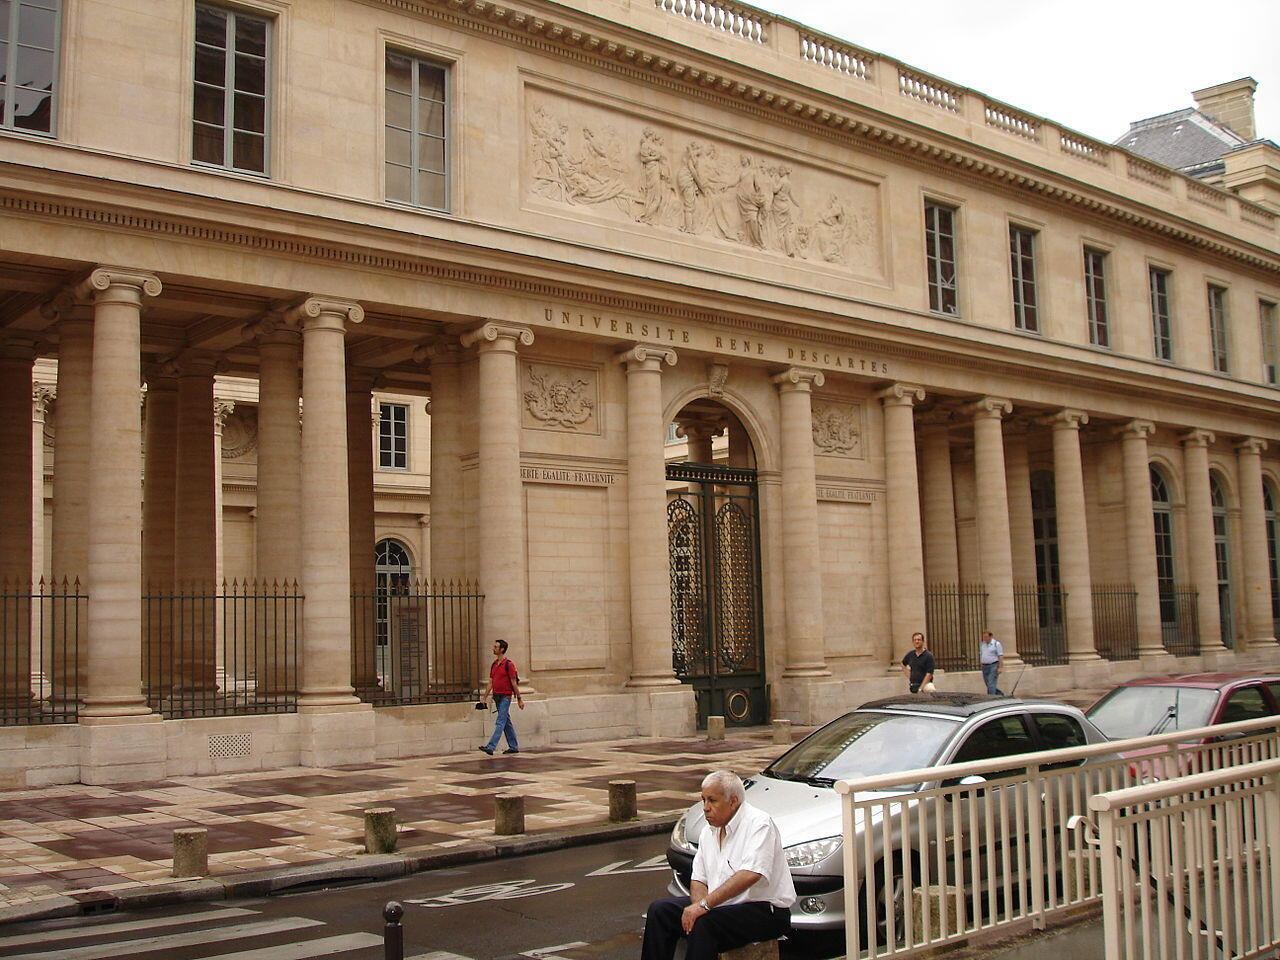 Cadáveres desmembrados, amontoados, alguns caindo de sacos do lixo... Estas cenas dignas de um filme de terror foram fotografadas em 2018 no coração de Paris, na Universidade Paris-Descartes.